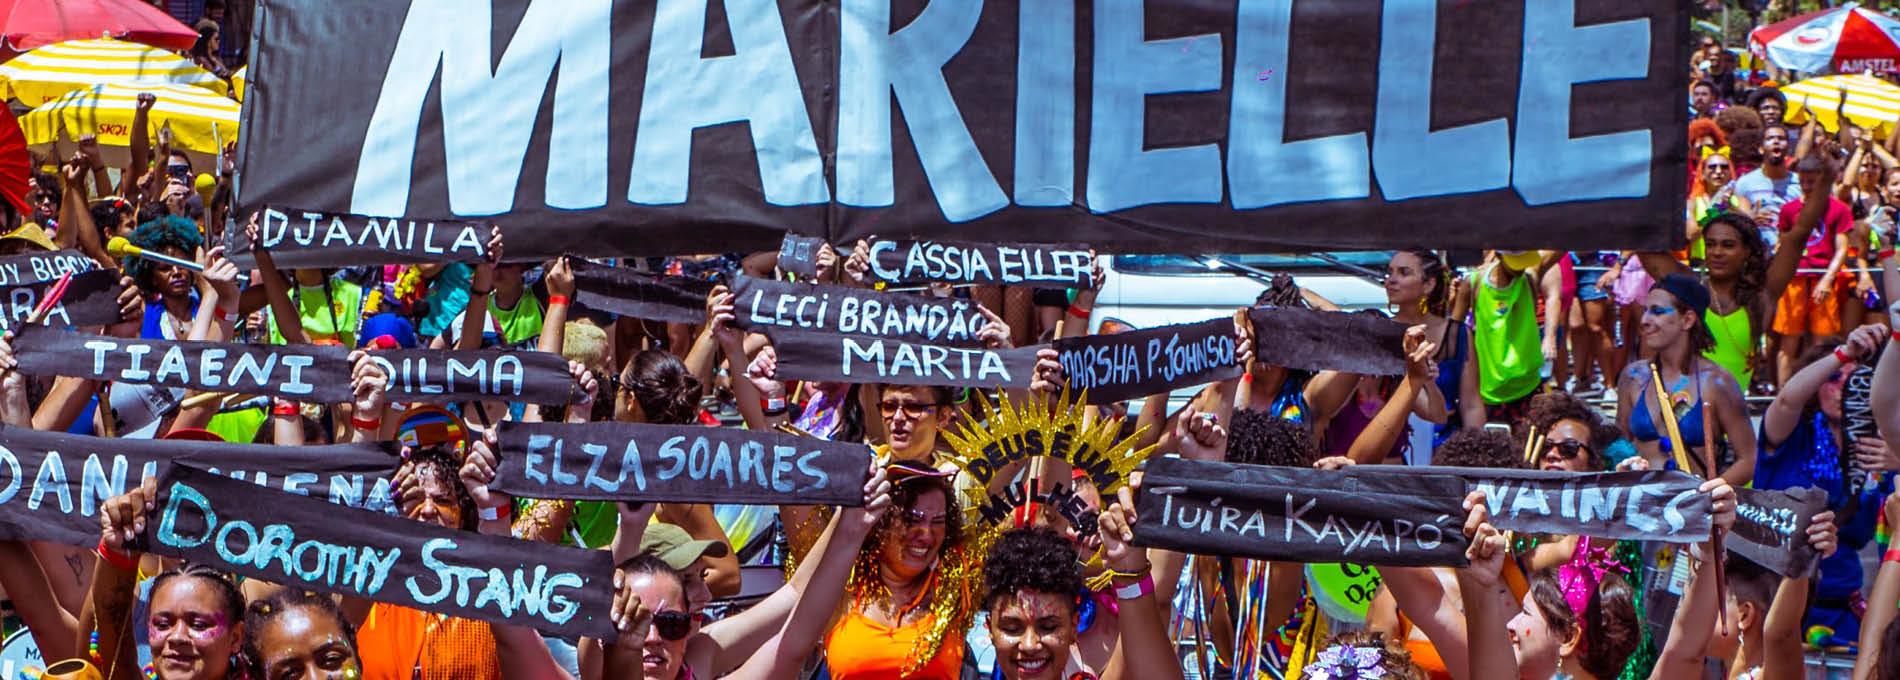 Carnaval sapatão